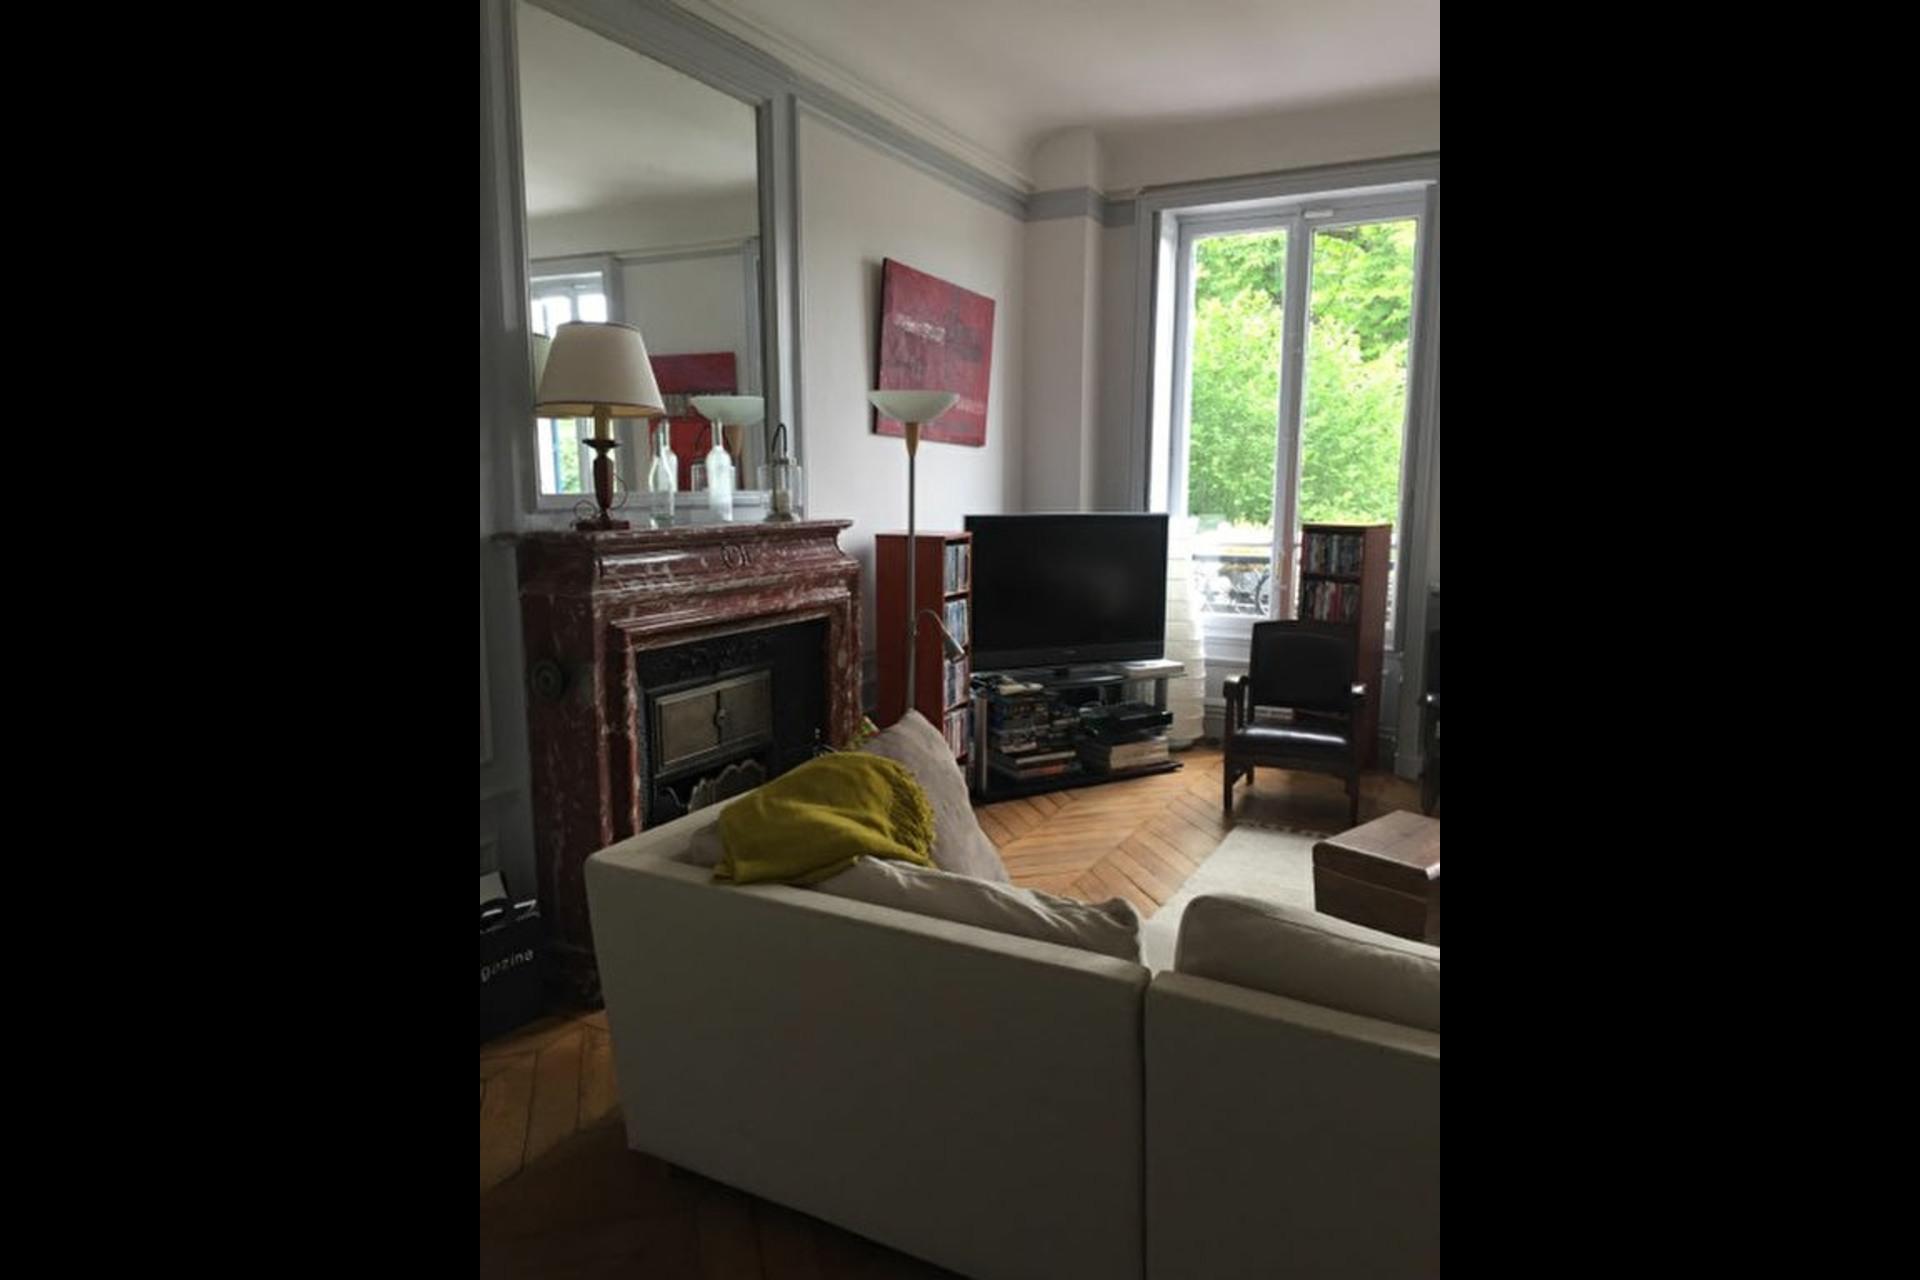 image 5 - Apartment For rent saint germain en laye - 6 rooms